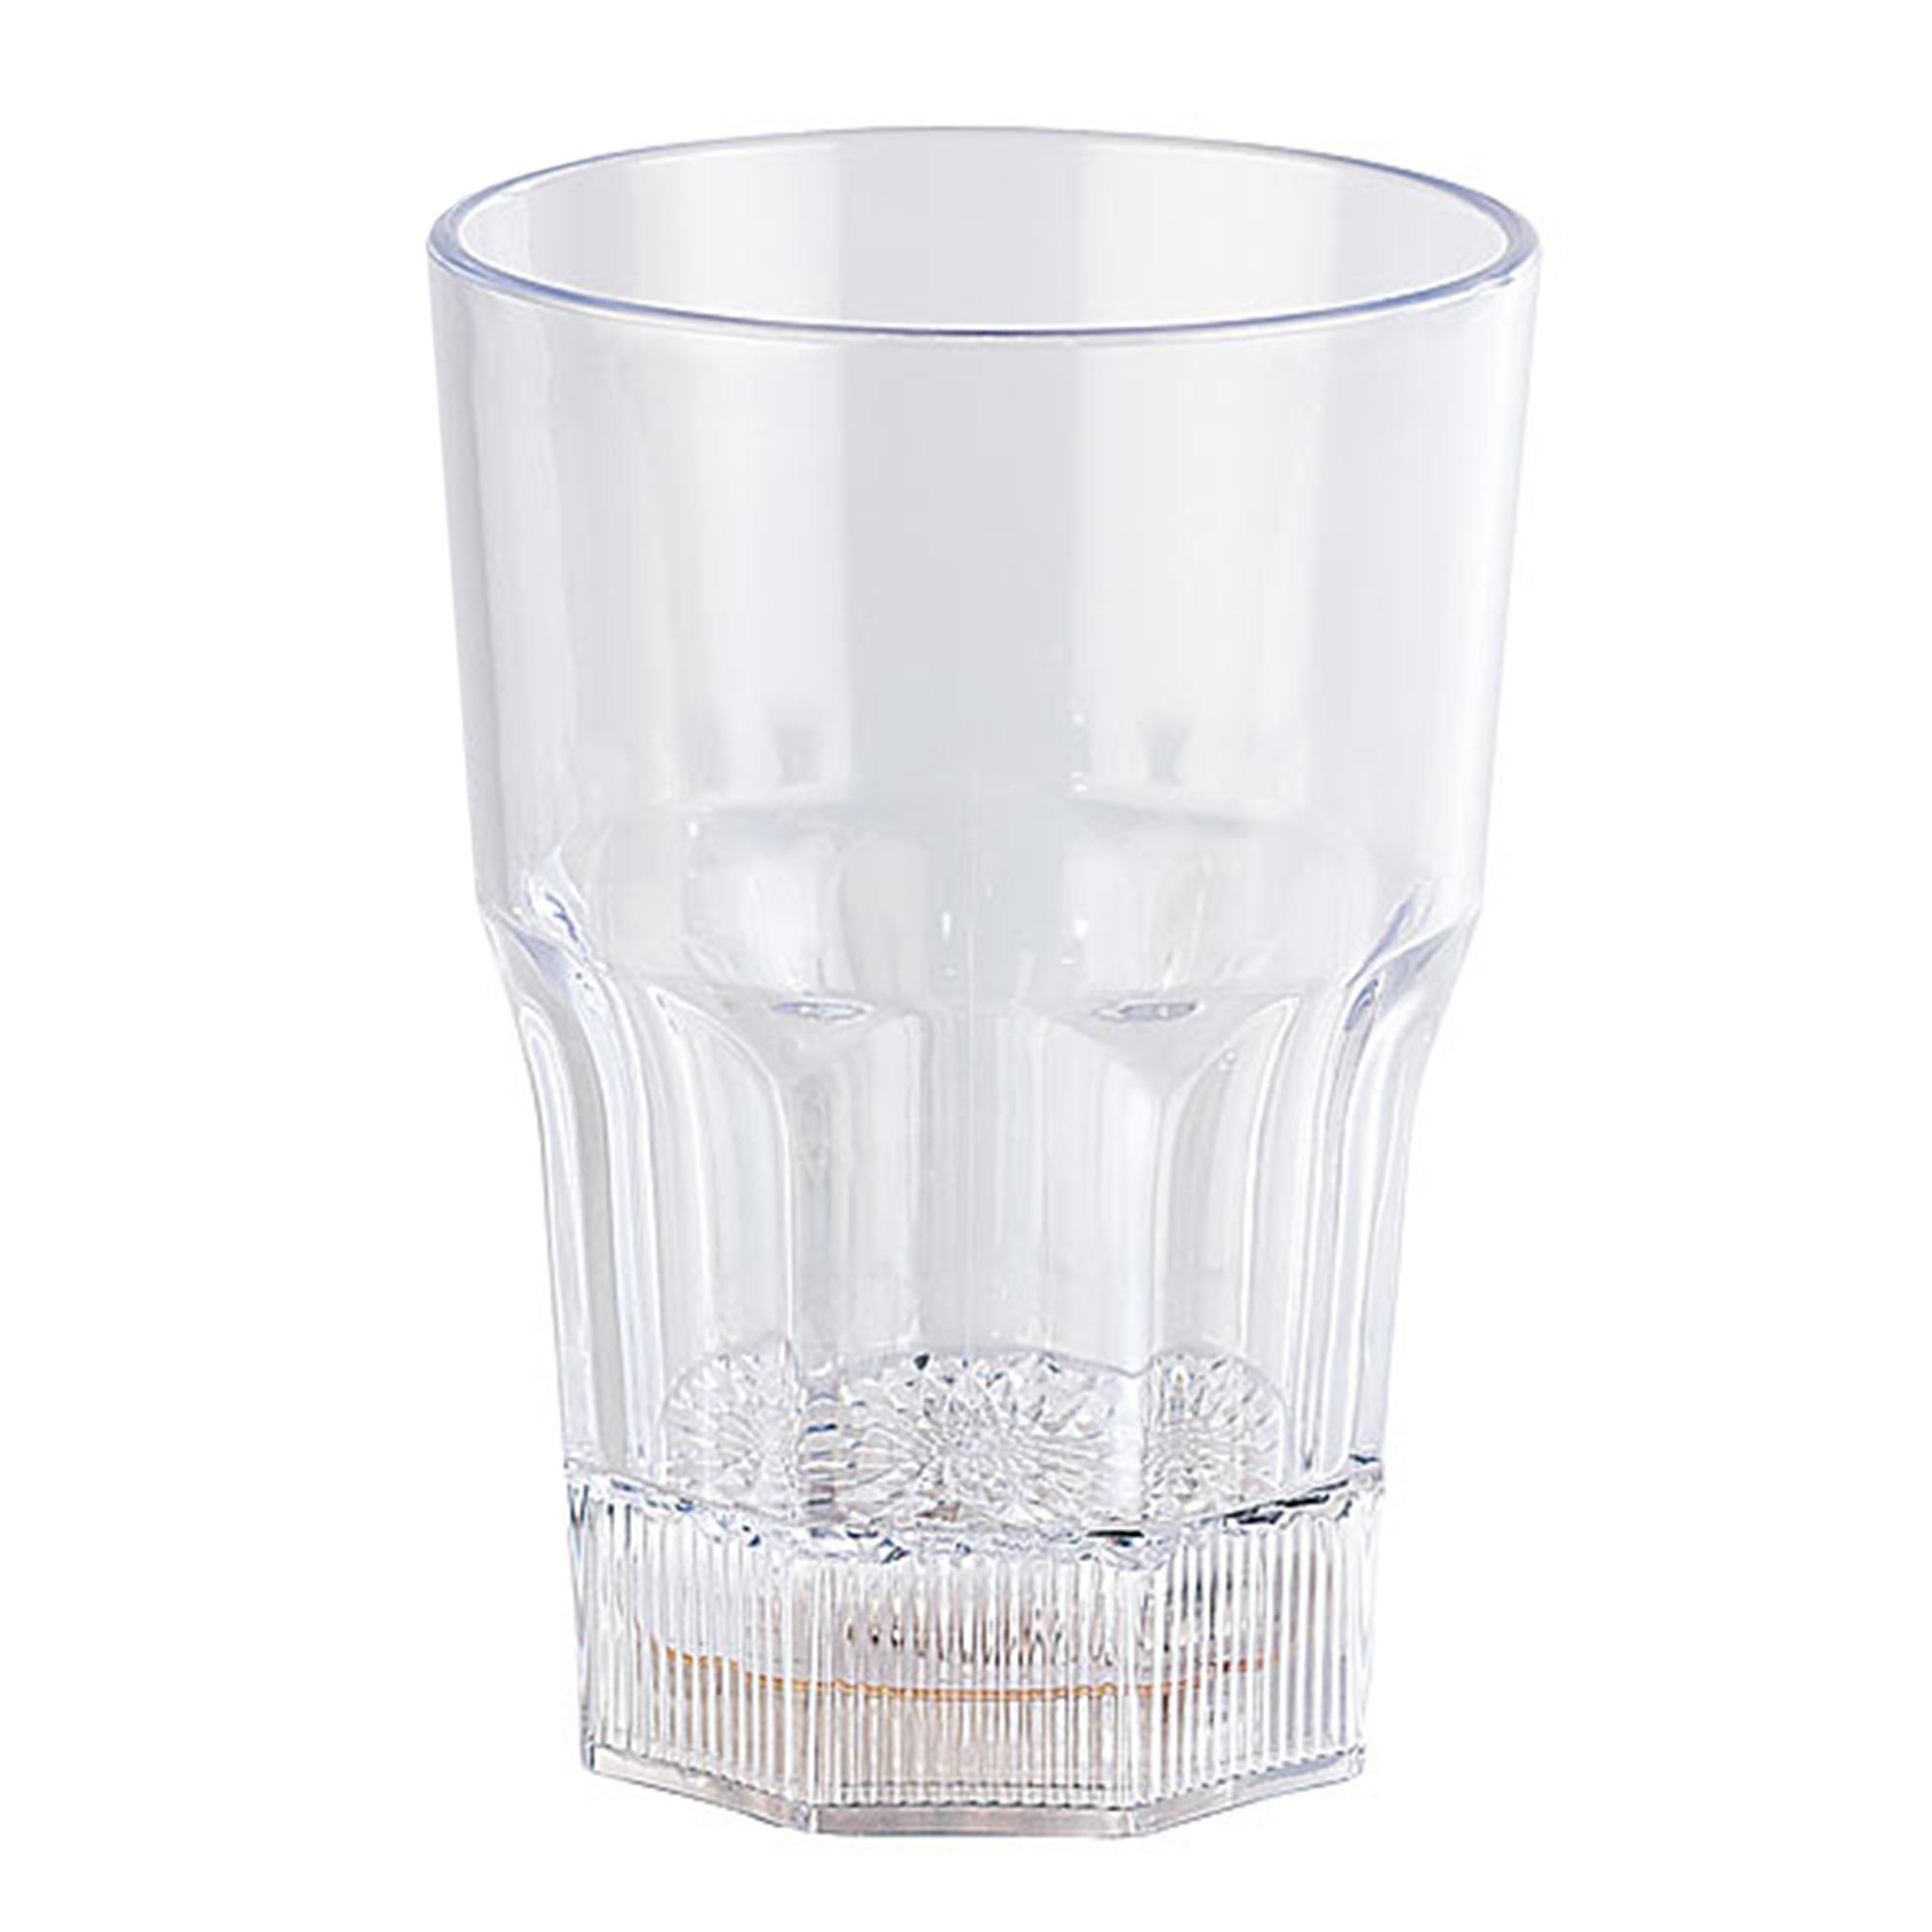 Leuchtglas mit Touch Funktion - blau - 2